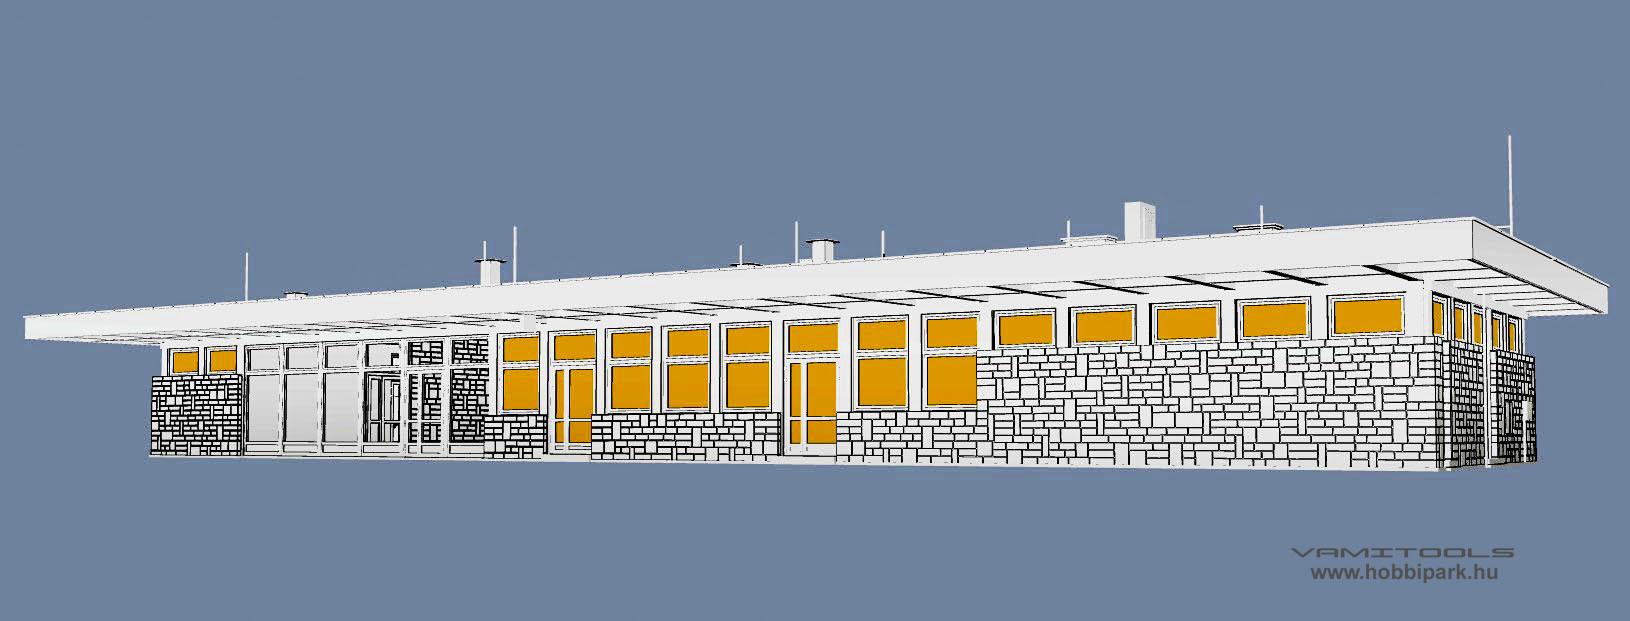 épület, vasútállomás, állomás, állomásépület, modellvasút, vasút, MÁV épület, MÁV vasútállomás, MÁV vasútállomás, MÁV modell állomás, MÁV állomásépület, Balatonakali-Dörgicse, Balatonakali-Dörgicse vasútállomás, Balatonakali-Dörgicse állomás, Balatonakali-Dörgicse épület, Balatonakali-Dörgicse ház, terepasztal, dioráma, H0 épület, H0 vasútállomás, H0 állomás, H0 állomásépület, H0 modellvasút, H0 vasút, H0 MÁV épület, H0 MÁV vasútállomás, H0 MÁV vasútállomás, H0 MÁV modell állomás, H0 MÁV állomásépület, H0 Balatonakali-Dörgicse, H0 Balatonakali-Dörgicse vasútállomás, H0 Balatonakali-Dörgicse állomás, H0 Balatonakali-Dörgicse épület, H0 Balatonakali-Dörgicse ház, H0 terepasztal, H0 dioráma, 1:87 épület, 1:87 vasútállomás, 1:87 állomás, 1:87 állomásépület, 1:87 modellvasút, 1:87 vasút, 1:87 MÁV épület, 1:87 MÁV vasútállomás, 1:87 MÁV vasútállomás, 1:87 MÁV modell állomás, 1:87 MÁV állomásépület, 1:87 Balatonakali-Dörgicse, 1:87 Balatonakali-Dörgicse vasútállomás, 1:87 Balatonakali-Dörgicse állomás, 1:87 Balatonakali-Dörgicse épület, 1:87 Balatonakali-Dörgicse ház, 1:87 terepasztal, 1:87 dioráma, TT épület, TT vasútállomás, TT állomás, TT állomásépület, TT modellvasút, TT vasút, TT MÁV épület, TT MÁV vasútállomás, TT MÁV vasútállomás, TT MÁV modell állomás, TT MÁV állomásépület, TT Balatonakali-Dörgicse, TT Balatonakali-Dörgicse vasútállomás, TT Balatonakali-Dörgicse állomás, TT Balatonakali-Dörgicse épület, TT Balatonakali-Dörgicse ház, TT terepasztal, TT dioráma, 1:120 épület, 1:120 vasútállomás, 1:120 állomás, 1:120 állomásépület, 1:120 modellvasút, 1:120 vasút, 1:120 MÁV épület, 1:120 MÁV vasútállomás, 1:120 MÁV vasútállomás, 1:120 MÁV modell állomás, 1:120 MÁV állomásépület, 1:120 Balatonakali-Dörgicse, 1:120 Balatonakali-Dörgicse vasútállomás, 1:120 Balatonakali-Dörgicse állomás, 1:120 Balatonakali-Dörgicse épület, 1:120 Balatonakali-Dörgicse ház, 1:120 terepasztal, 1:120 dioráma, N épület, N vasútállomás, N állomás, N állomásépület, N modellvasút, N vasút, N MÁV 